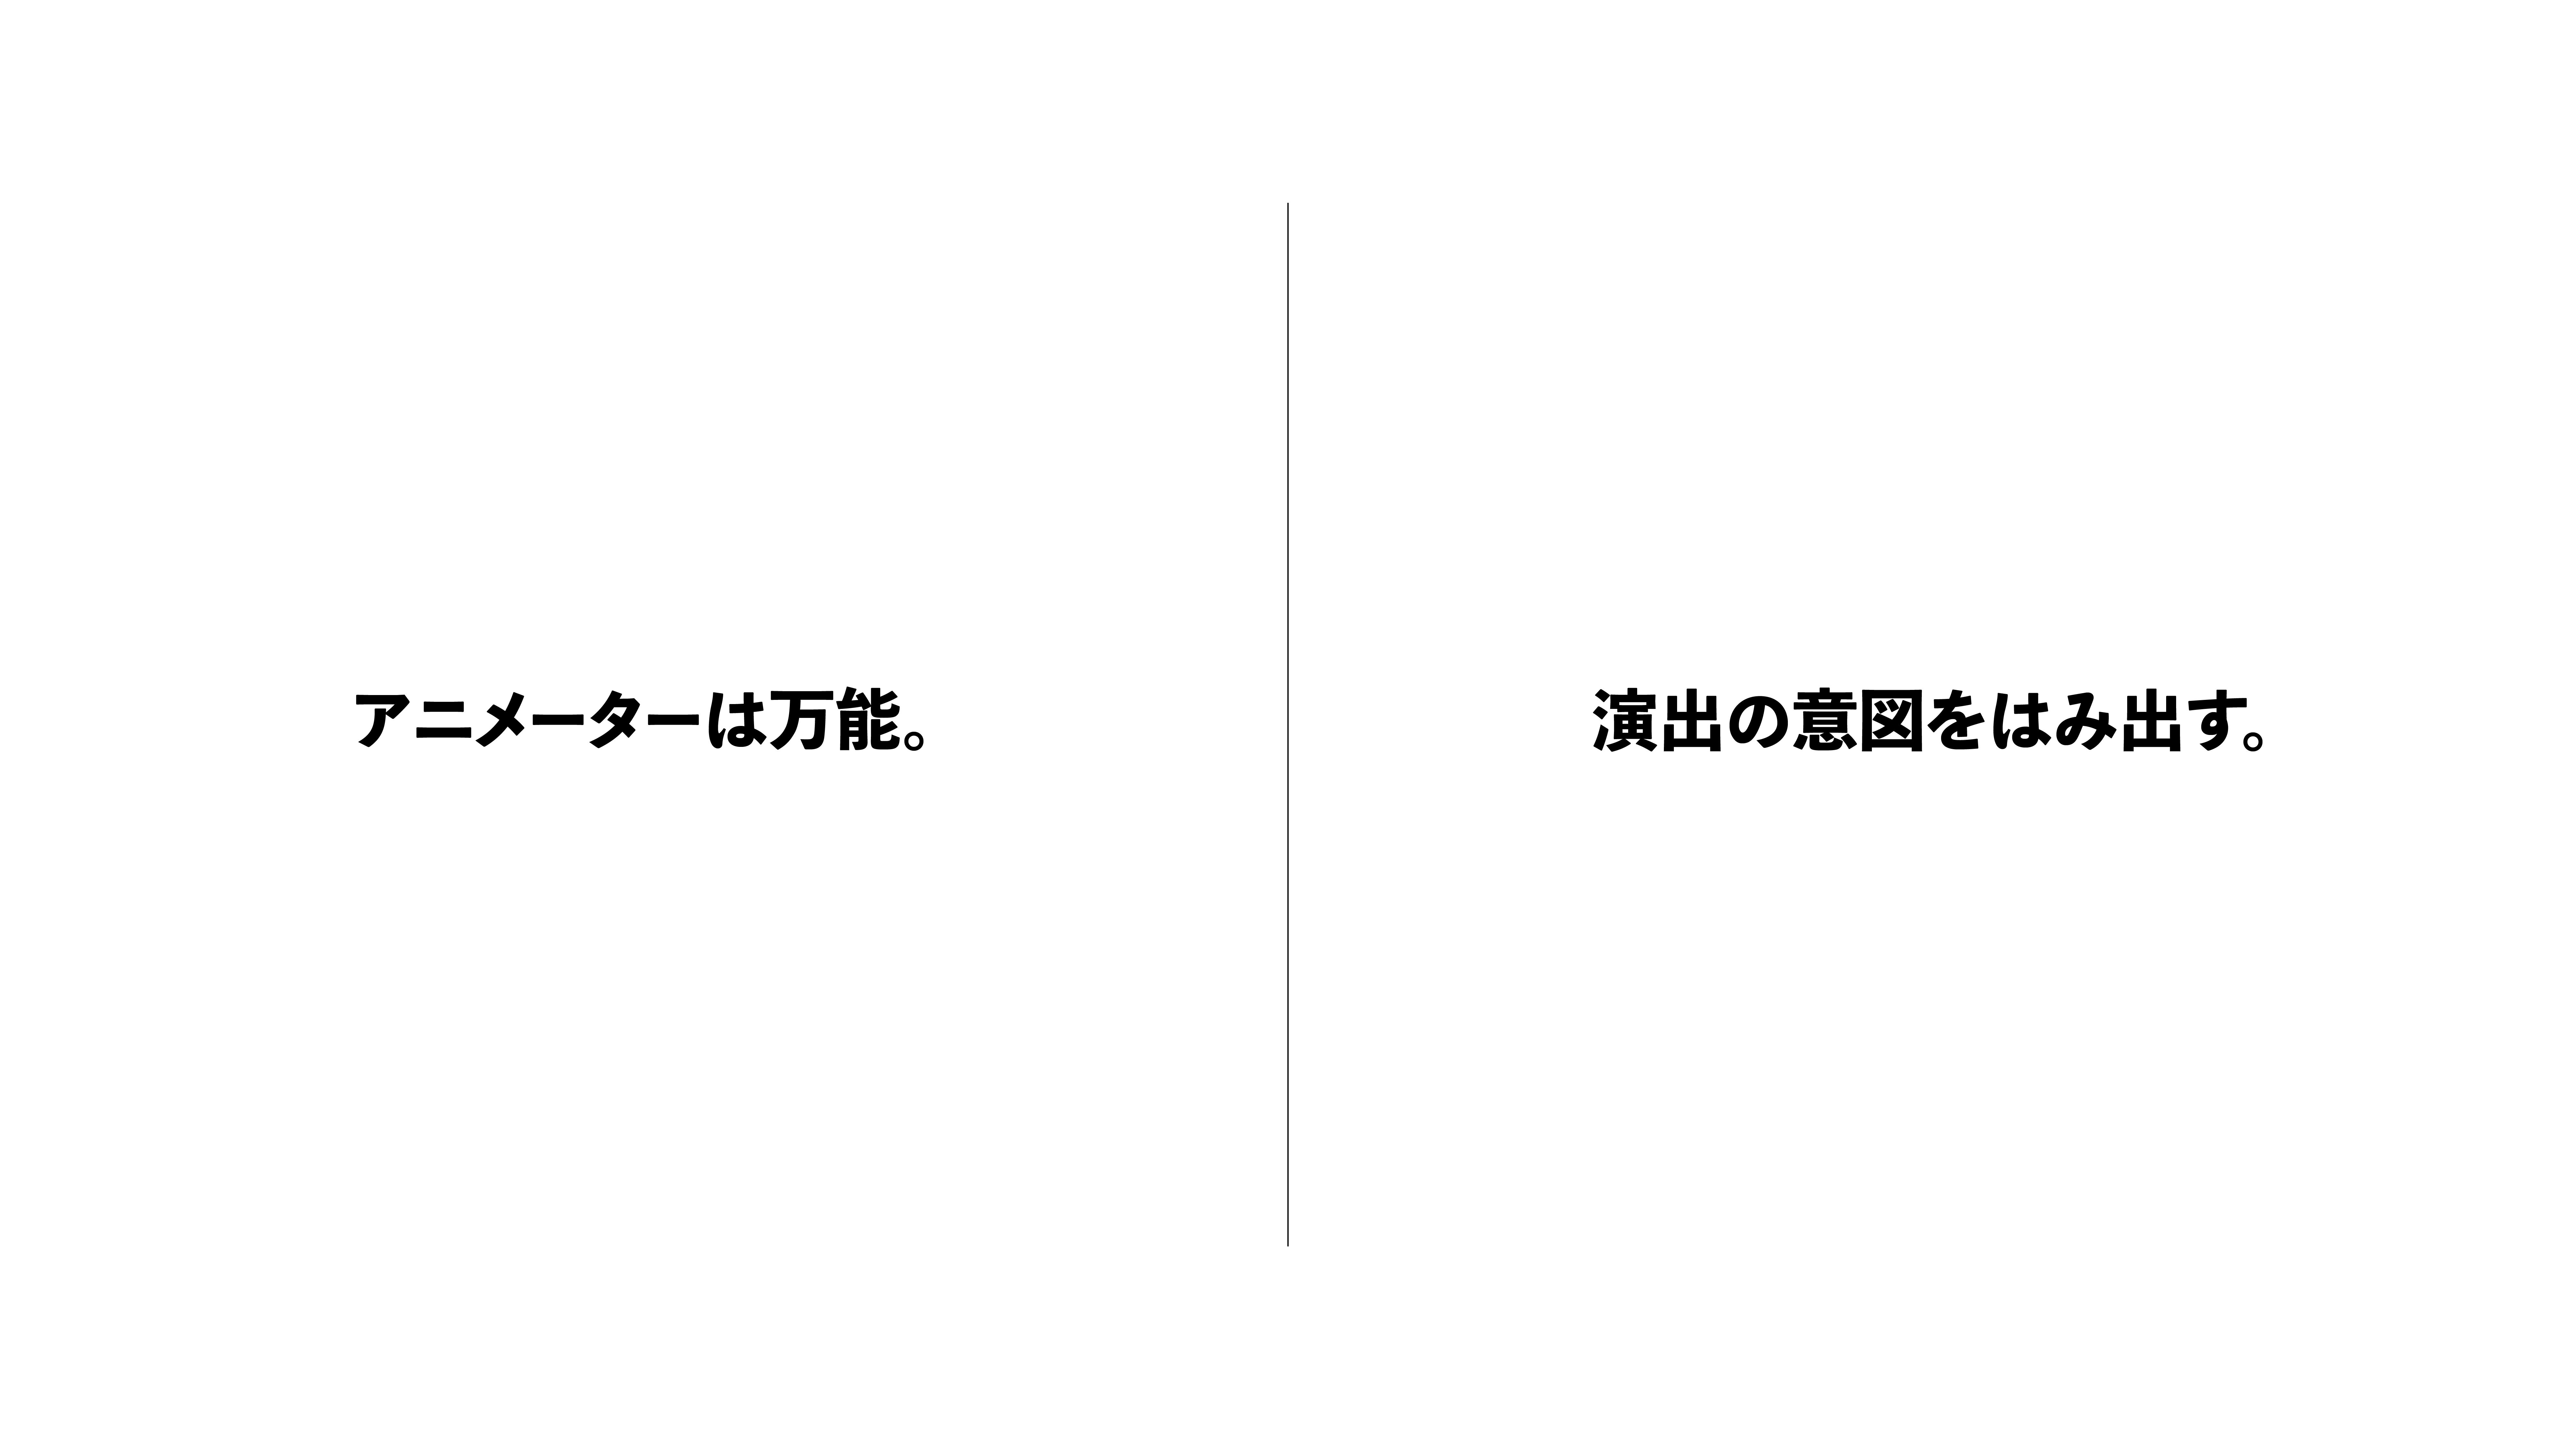 14_アニメーター解放宣言